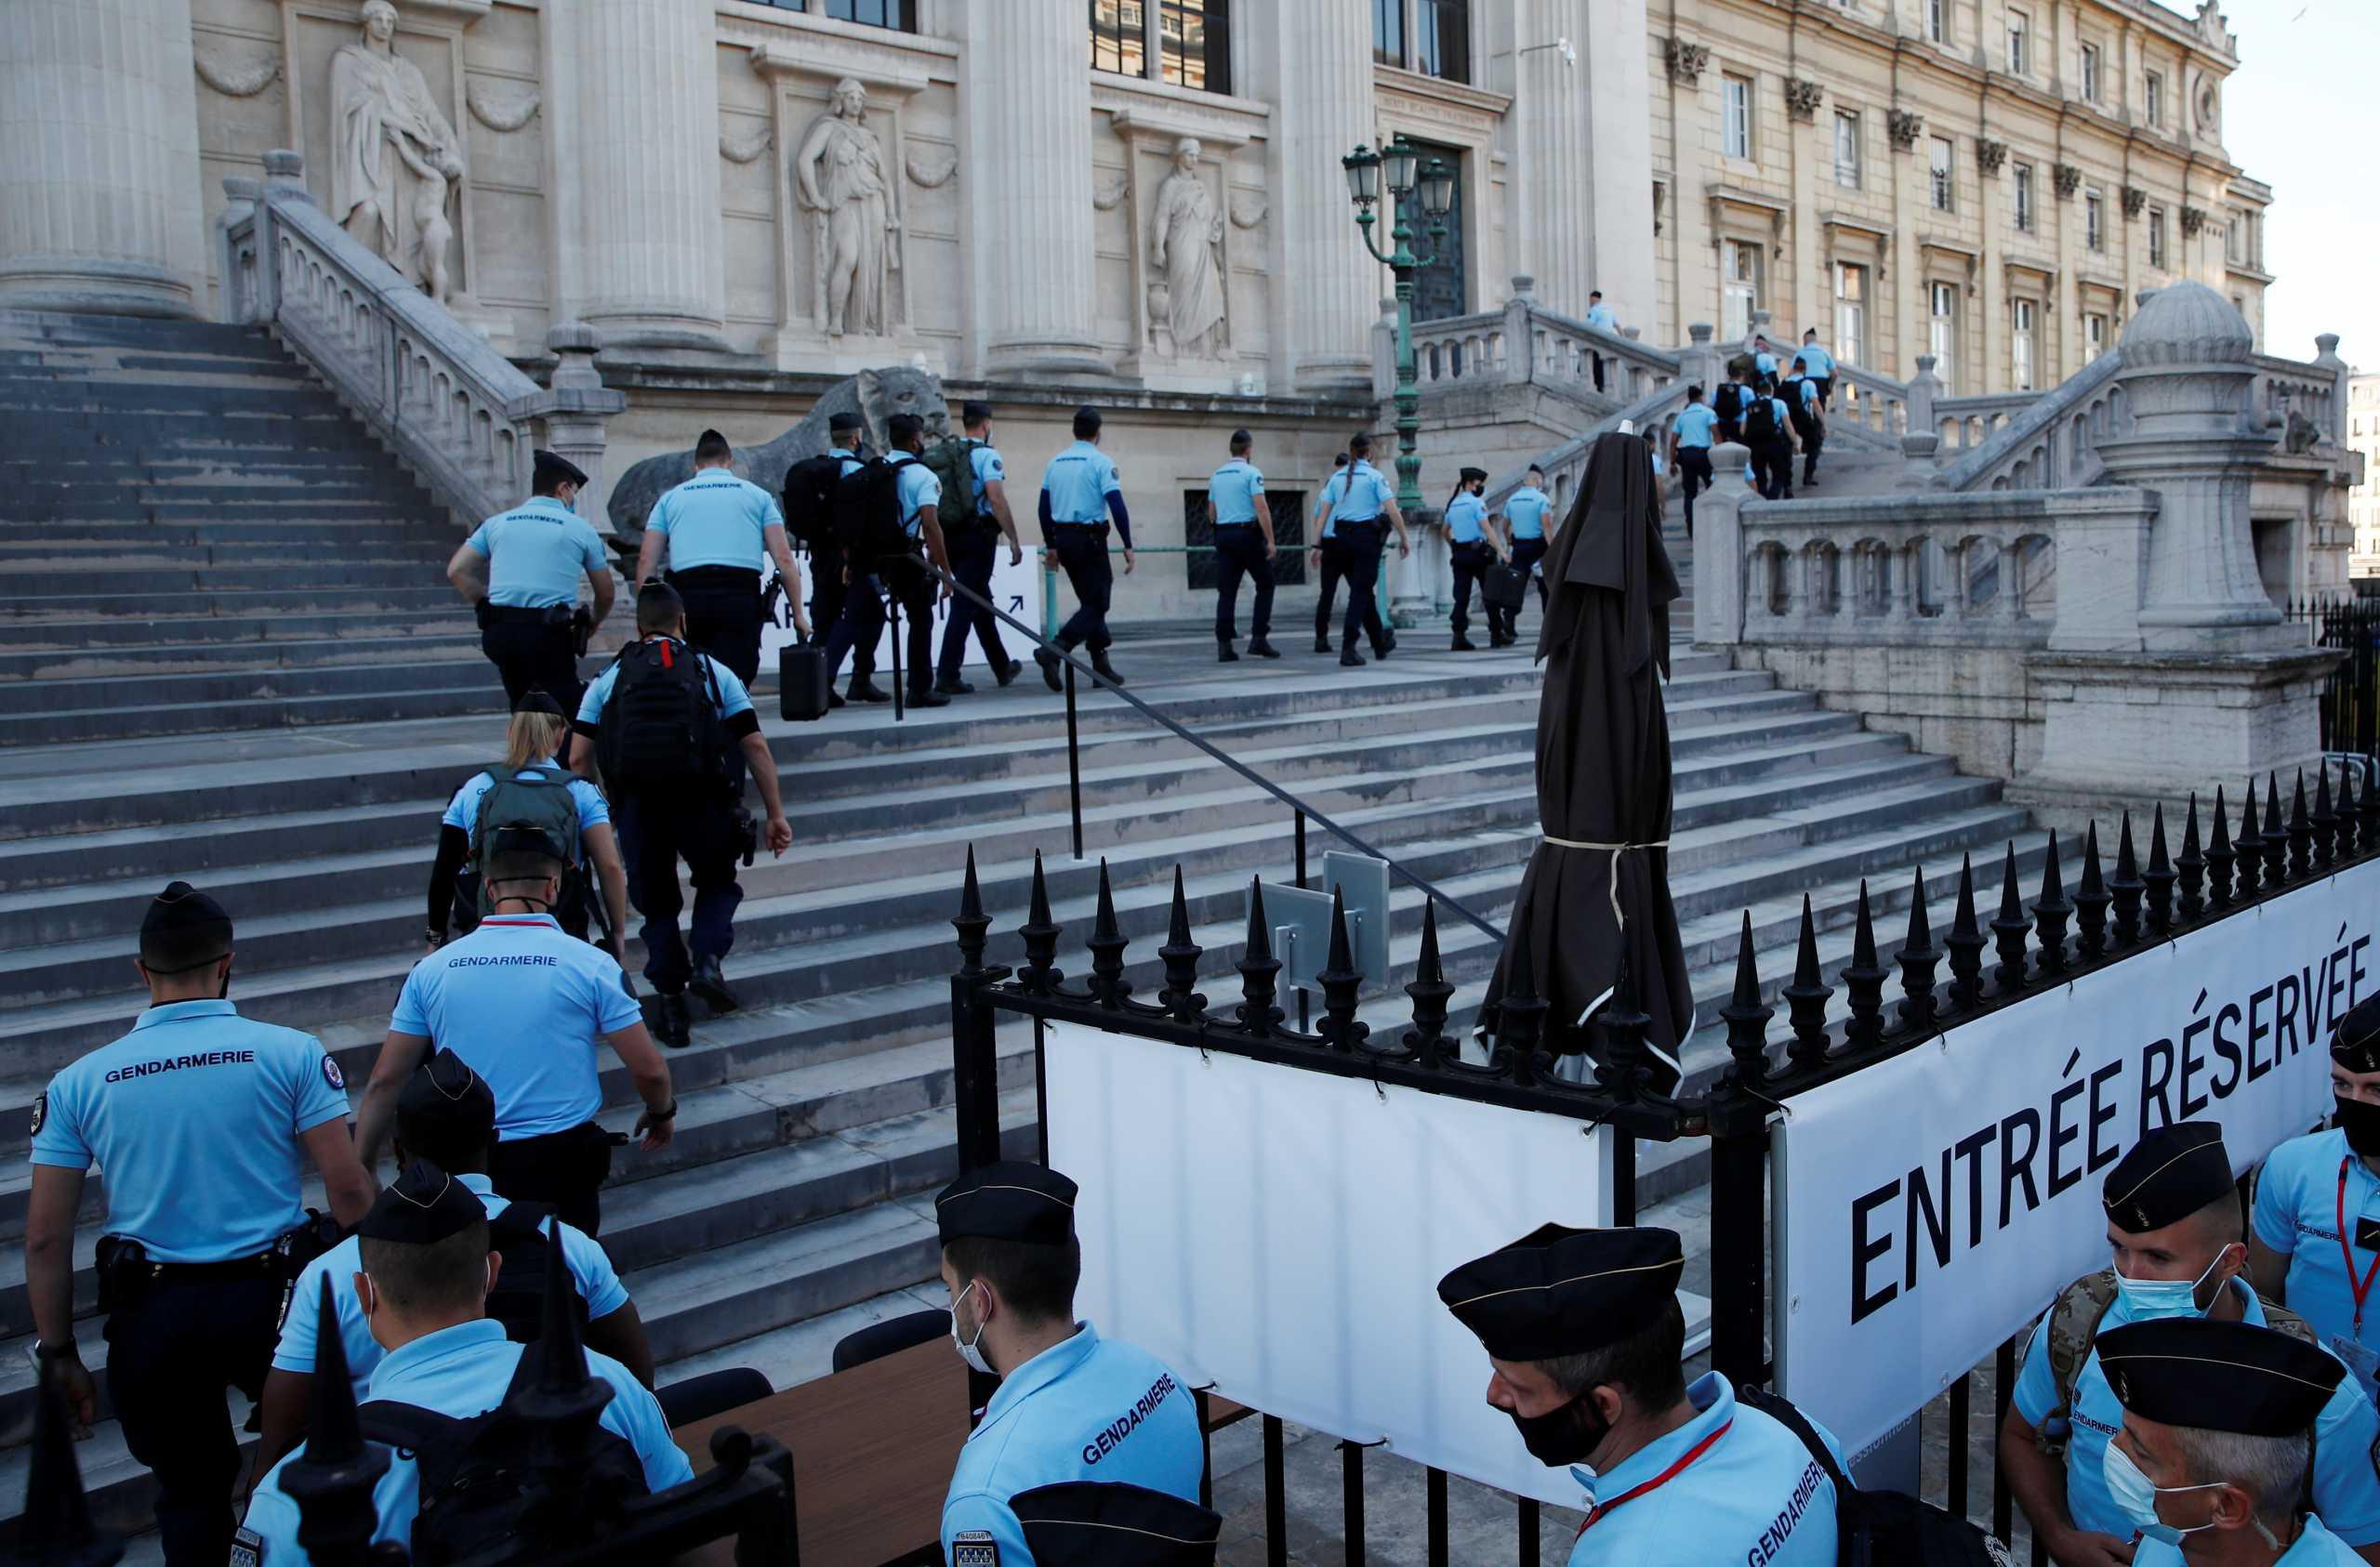 Γαλλία: Αρχίζει στο Παρίσι η δίκη για τις πολύνεκρες τρομοκρατικές επιθέσεις του 2015